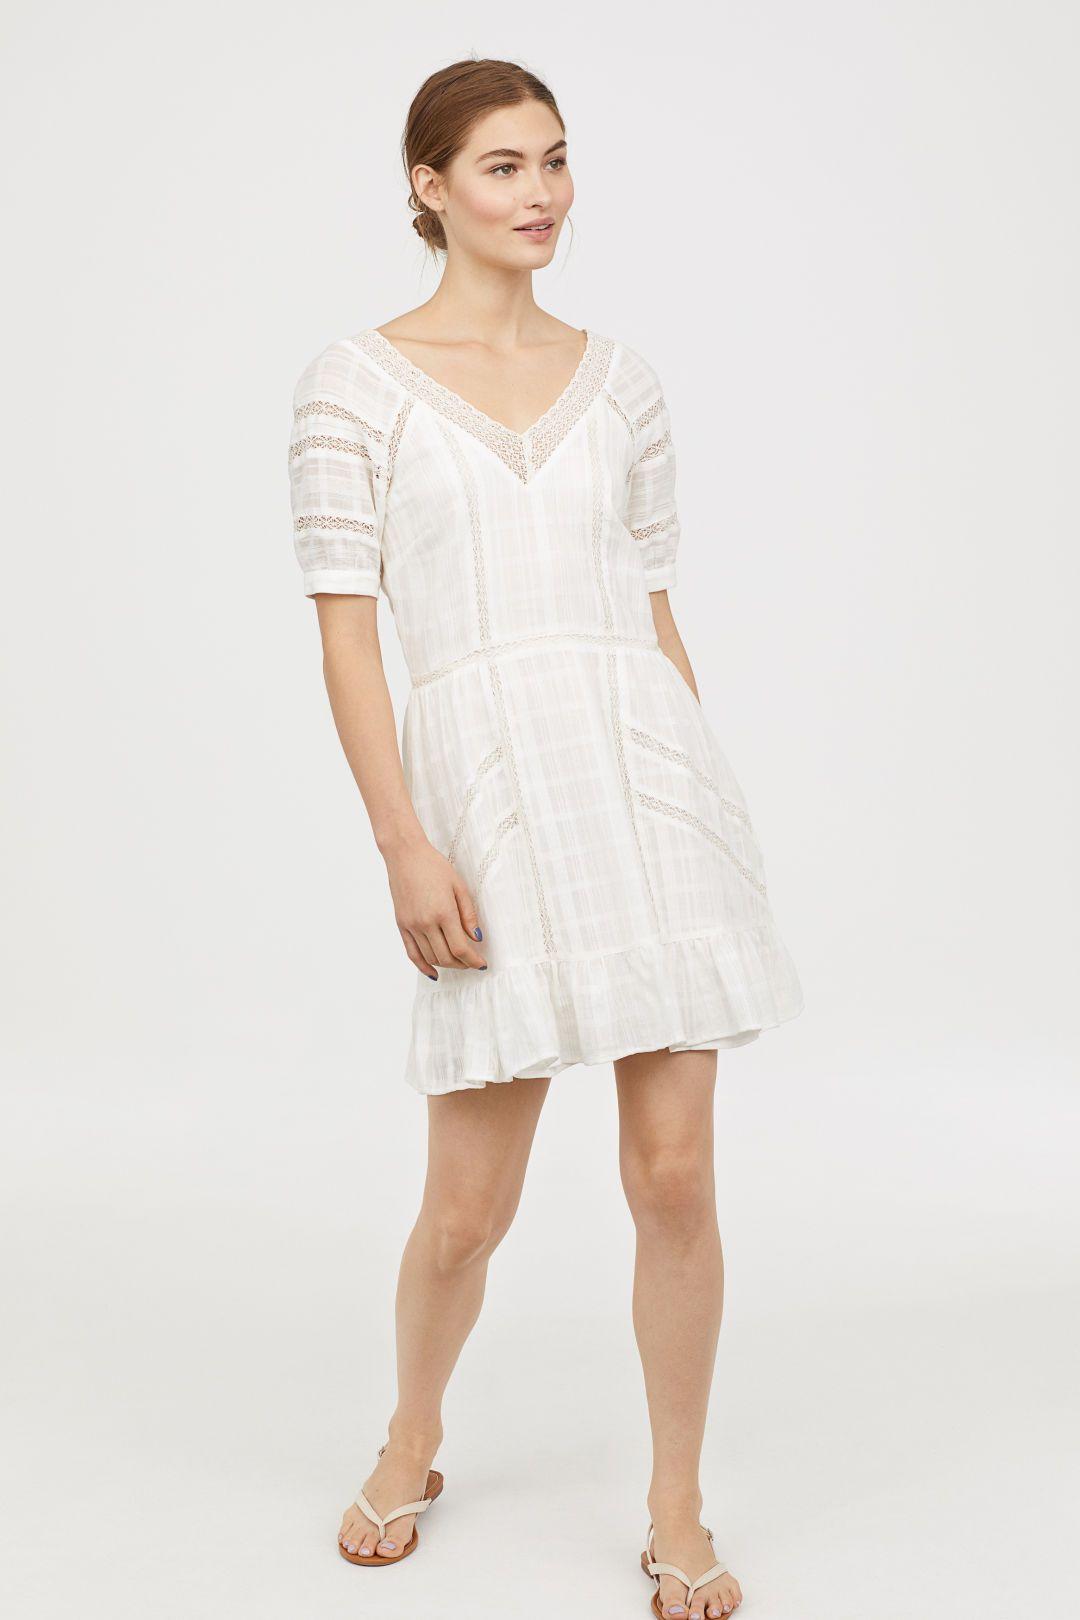 H&m lace dress white  HuM Vneck Cotton Dress  White  Woven cotton Lace trim and Cotton